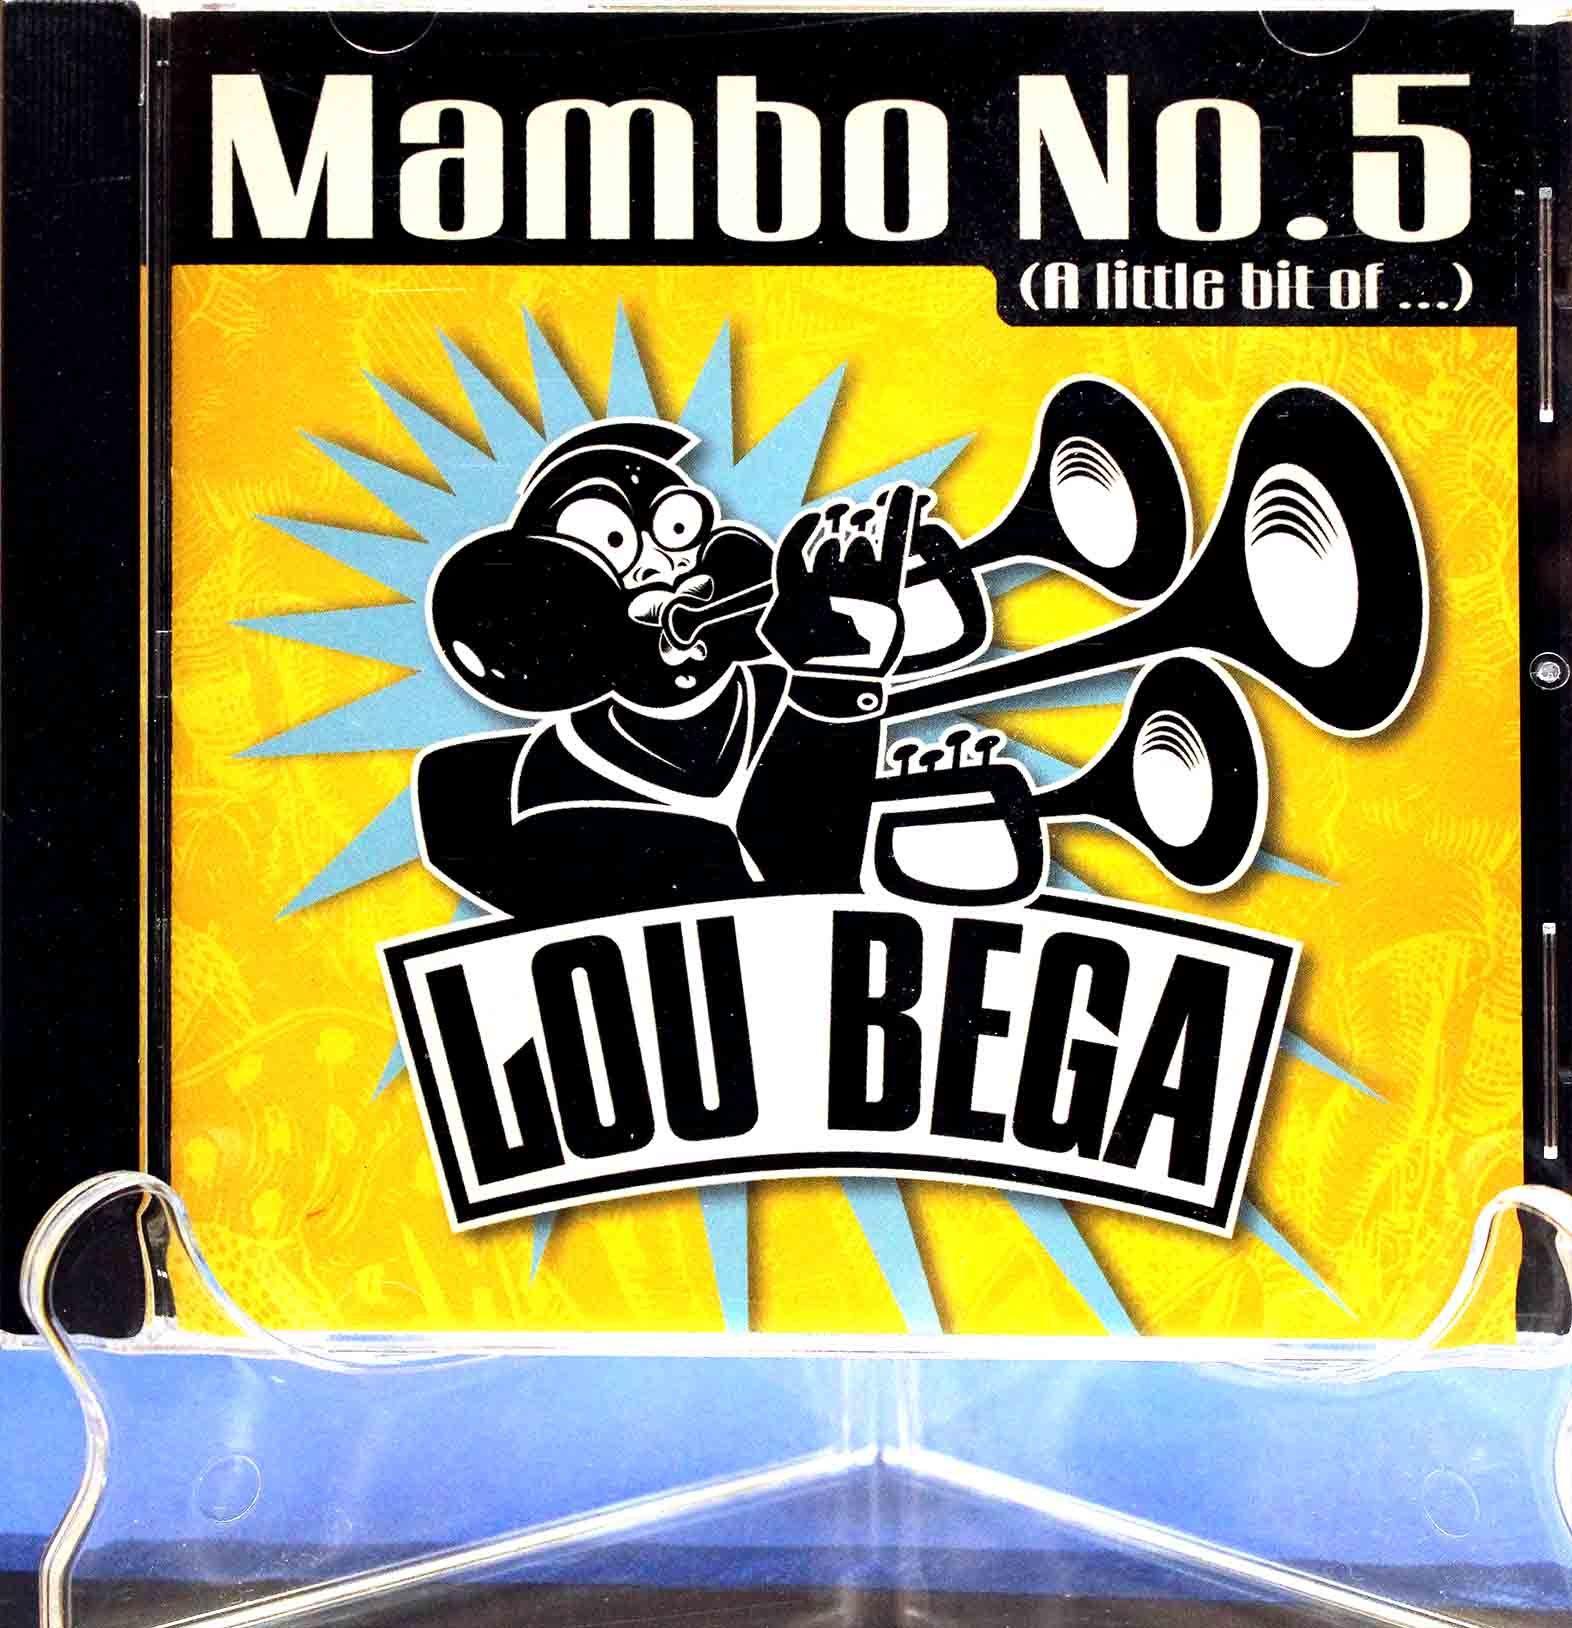 Lou Bega – Mambo No5 02 (2)